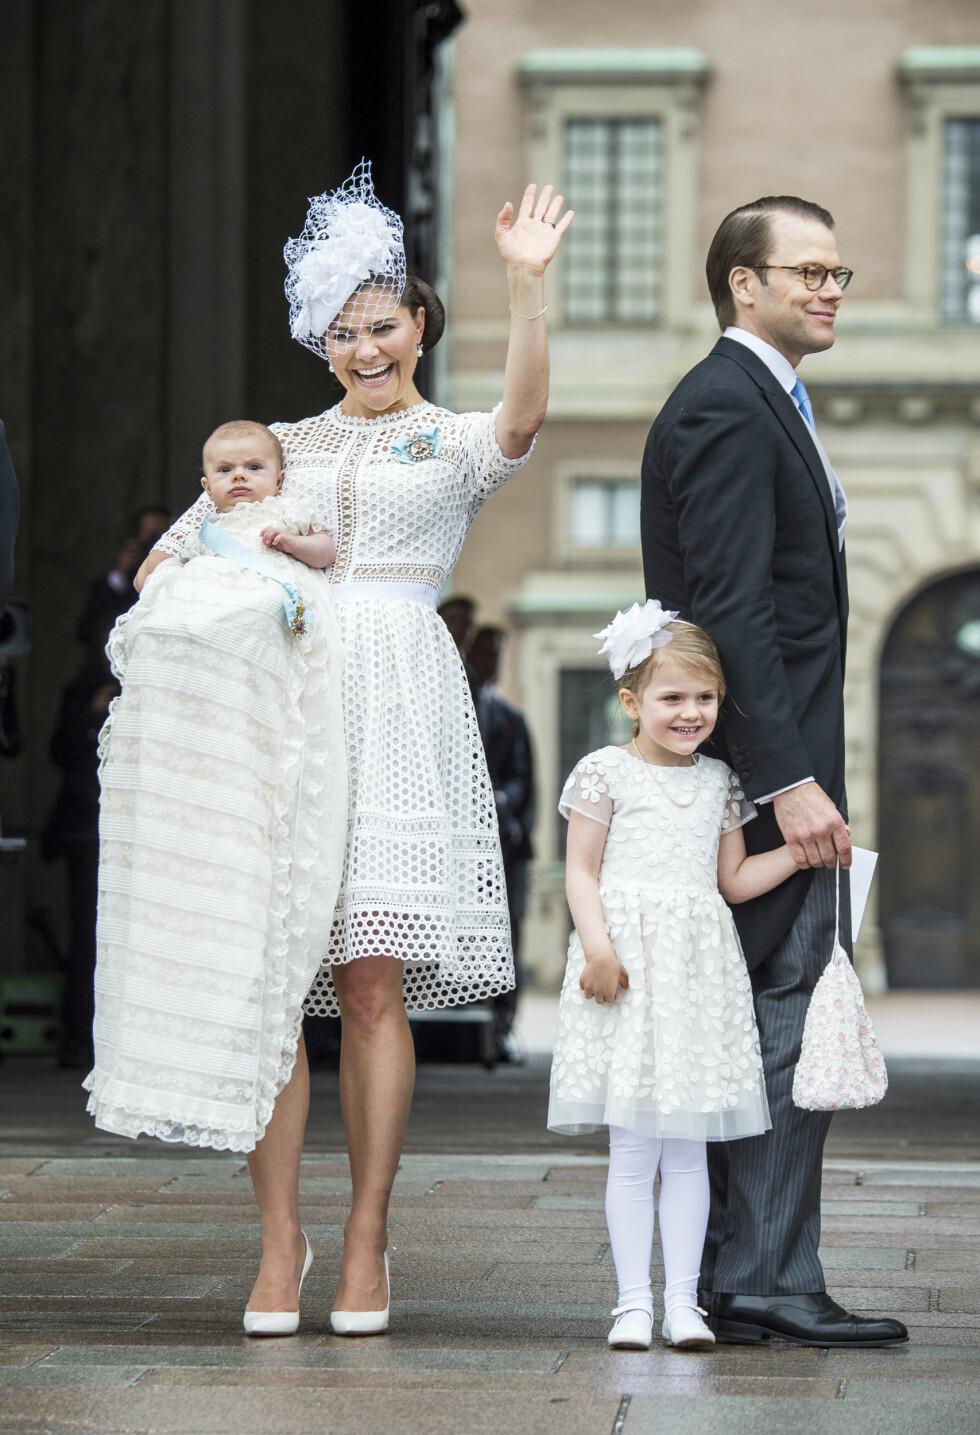 HVITT PÅ HVITT: Kronprinsesse Victoria og datteren Estelle matchet dåpsbarnet prins Oscar under dåpen i mai.  Foto: NTB Scanpix